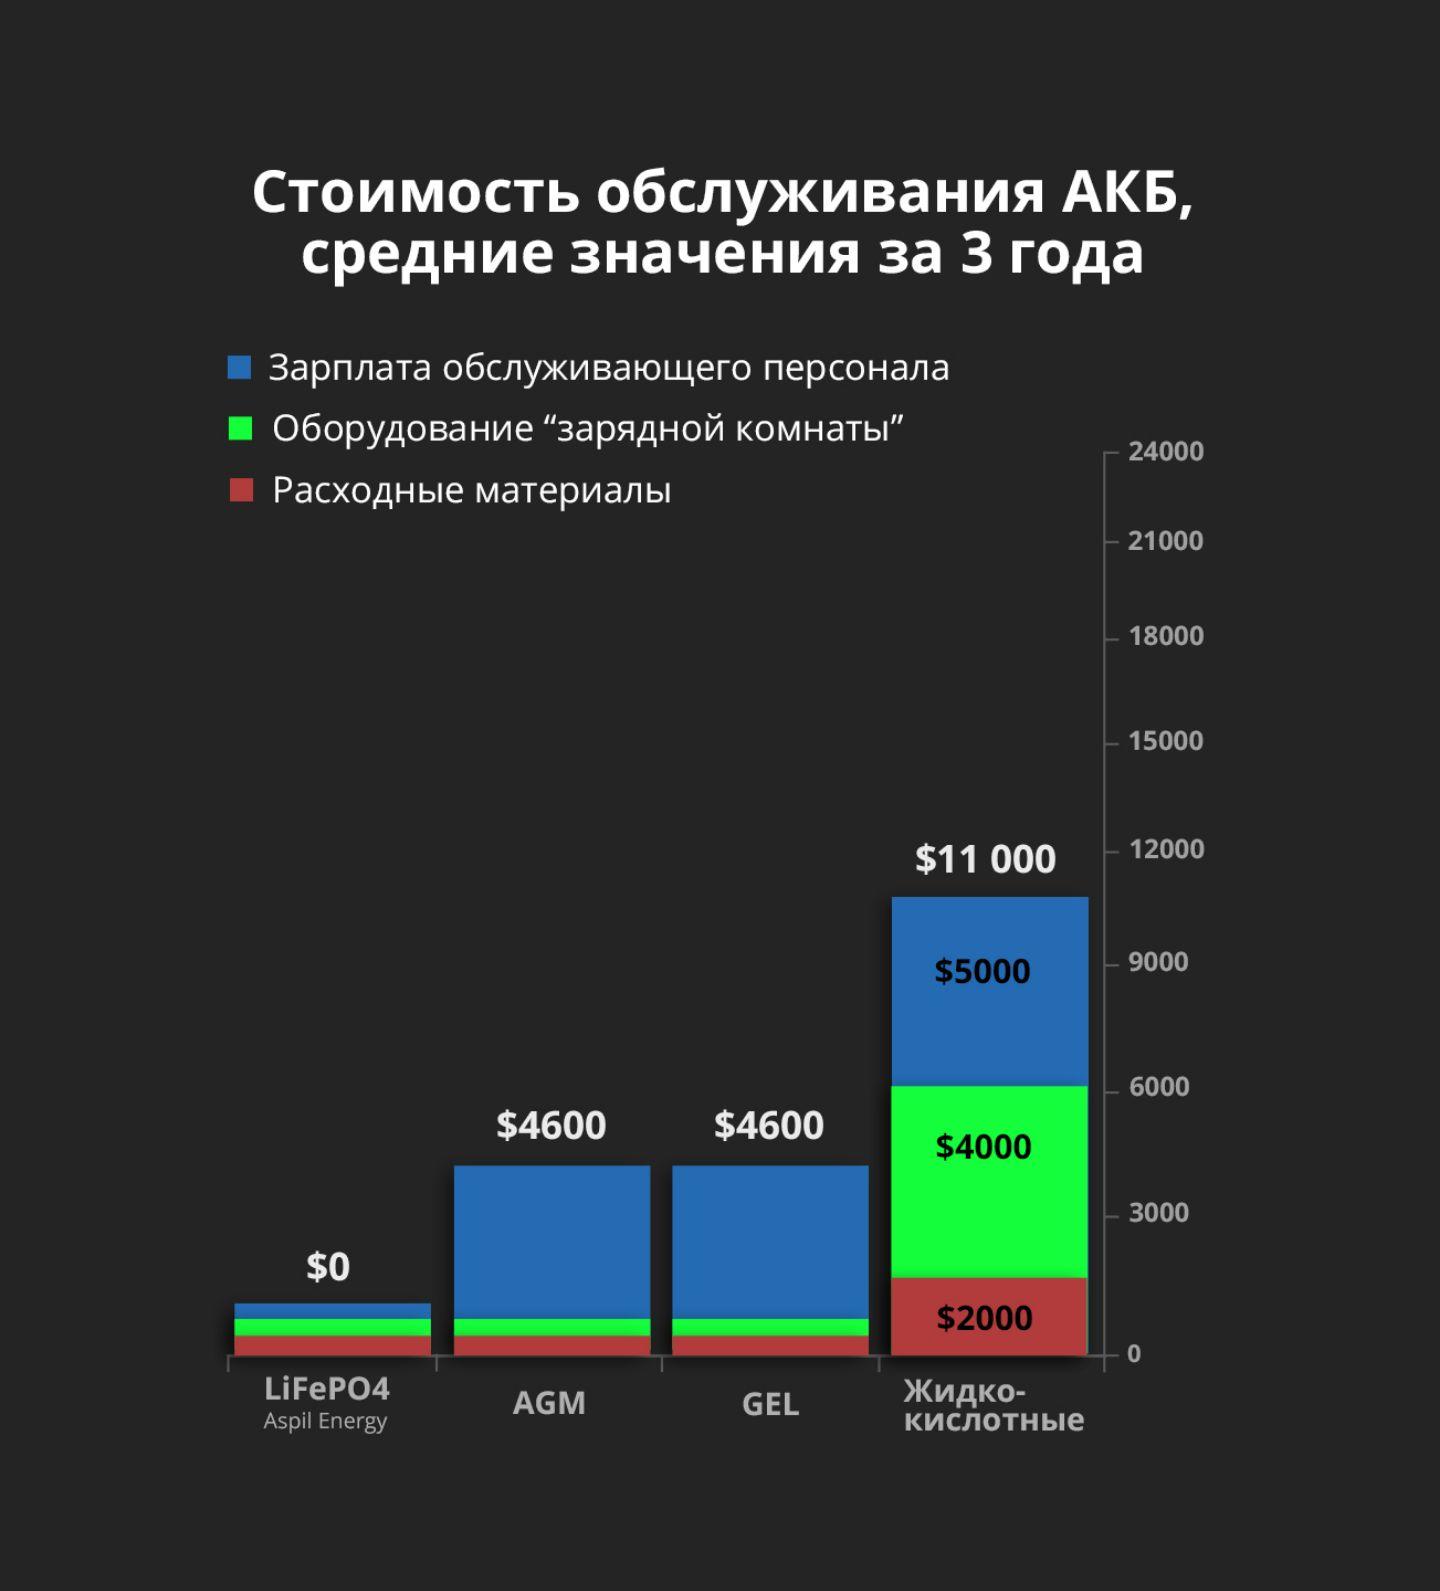 Стоимость обслуживания АКБ: LiFePO4, AGM TPPL, GEL, свинцово-кислотная